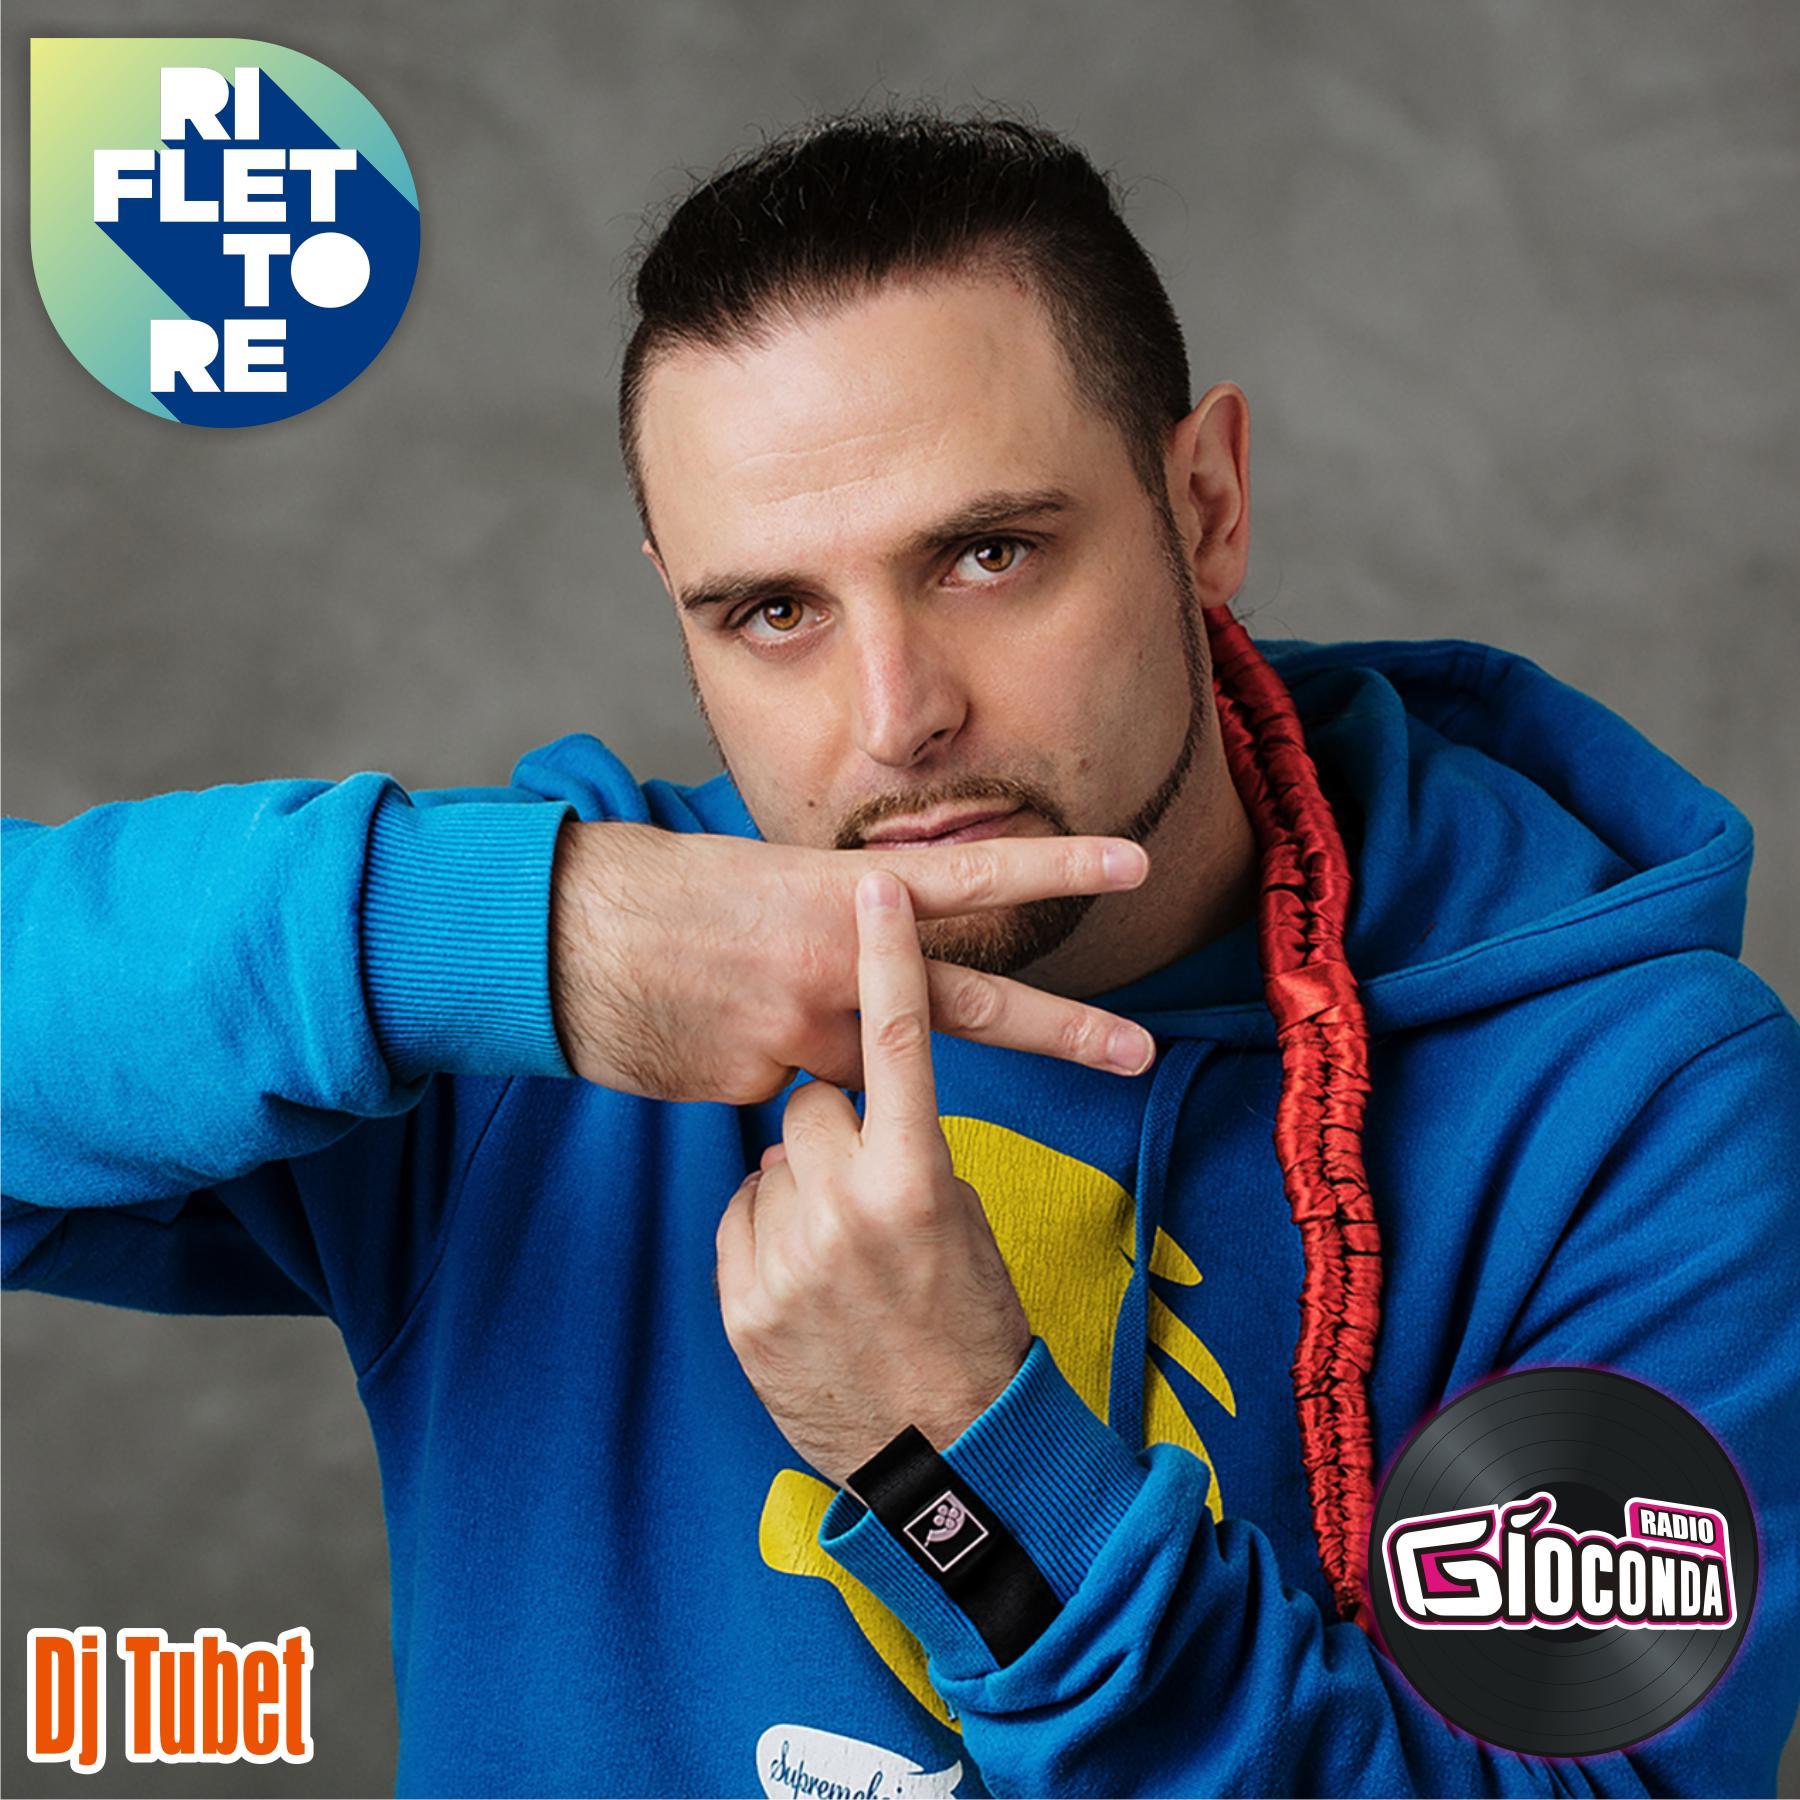 Riflettore con il rapper e musicista Dj Tubet